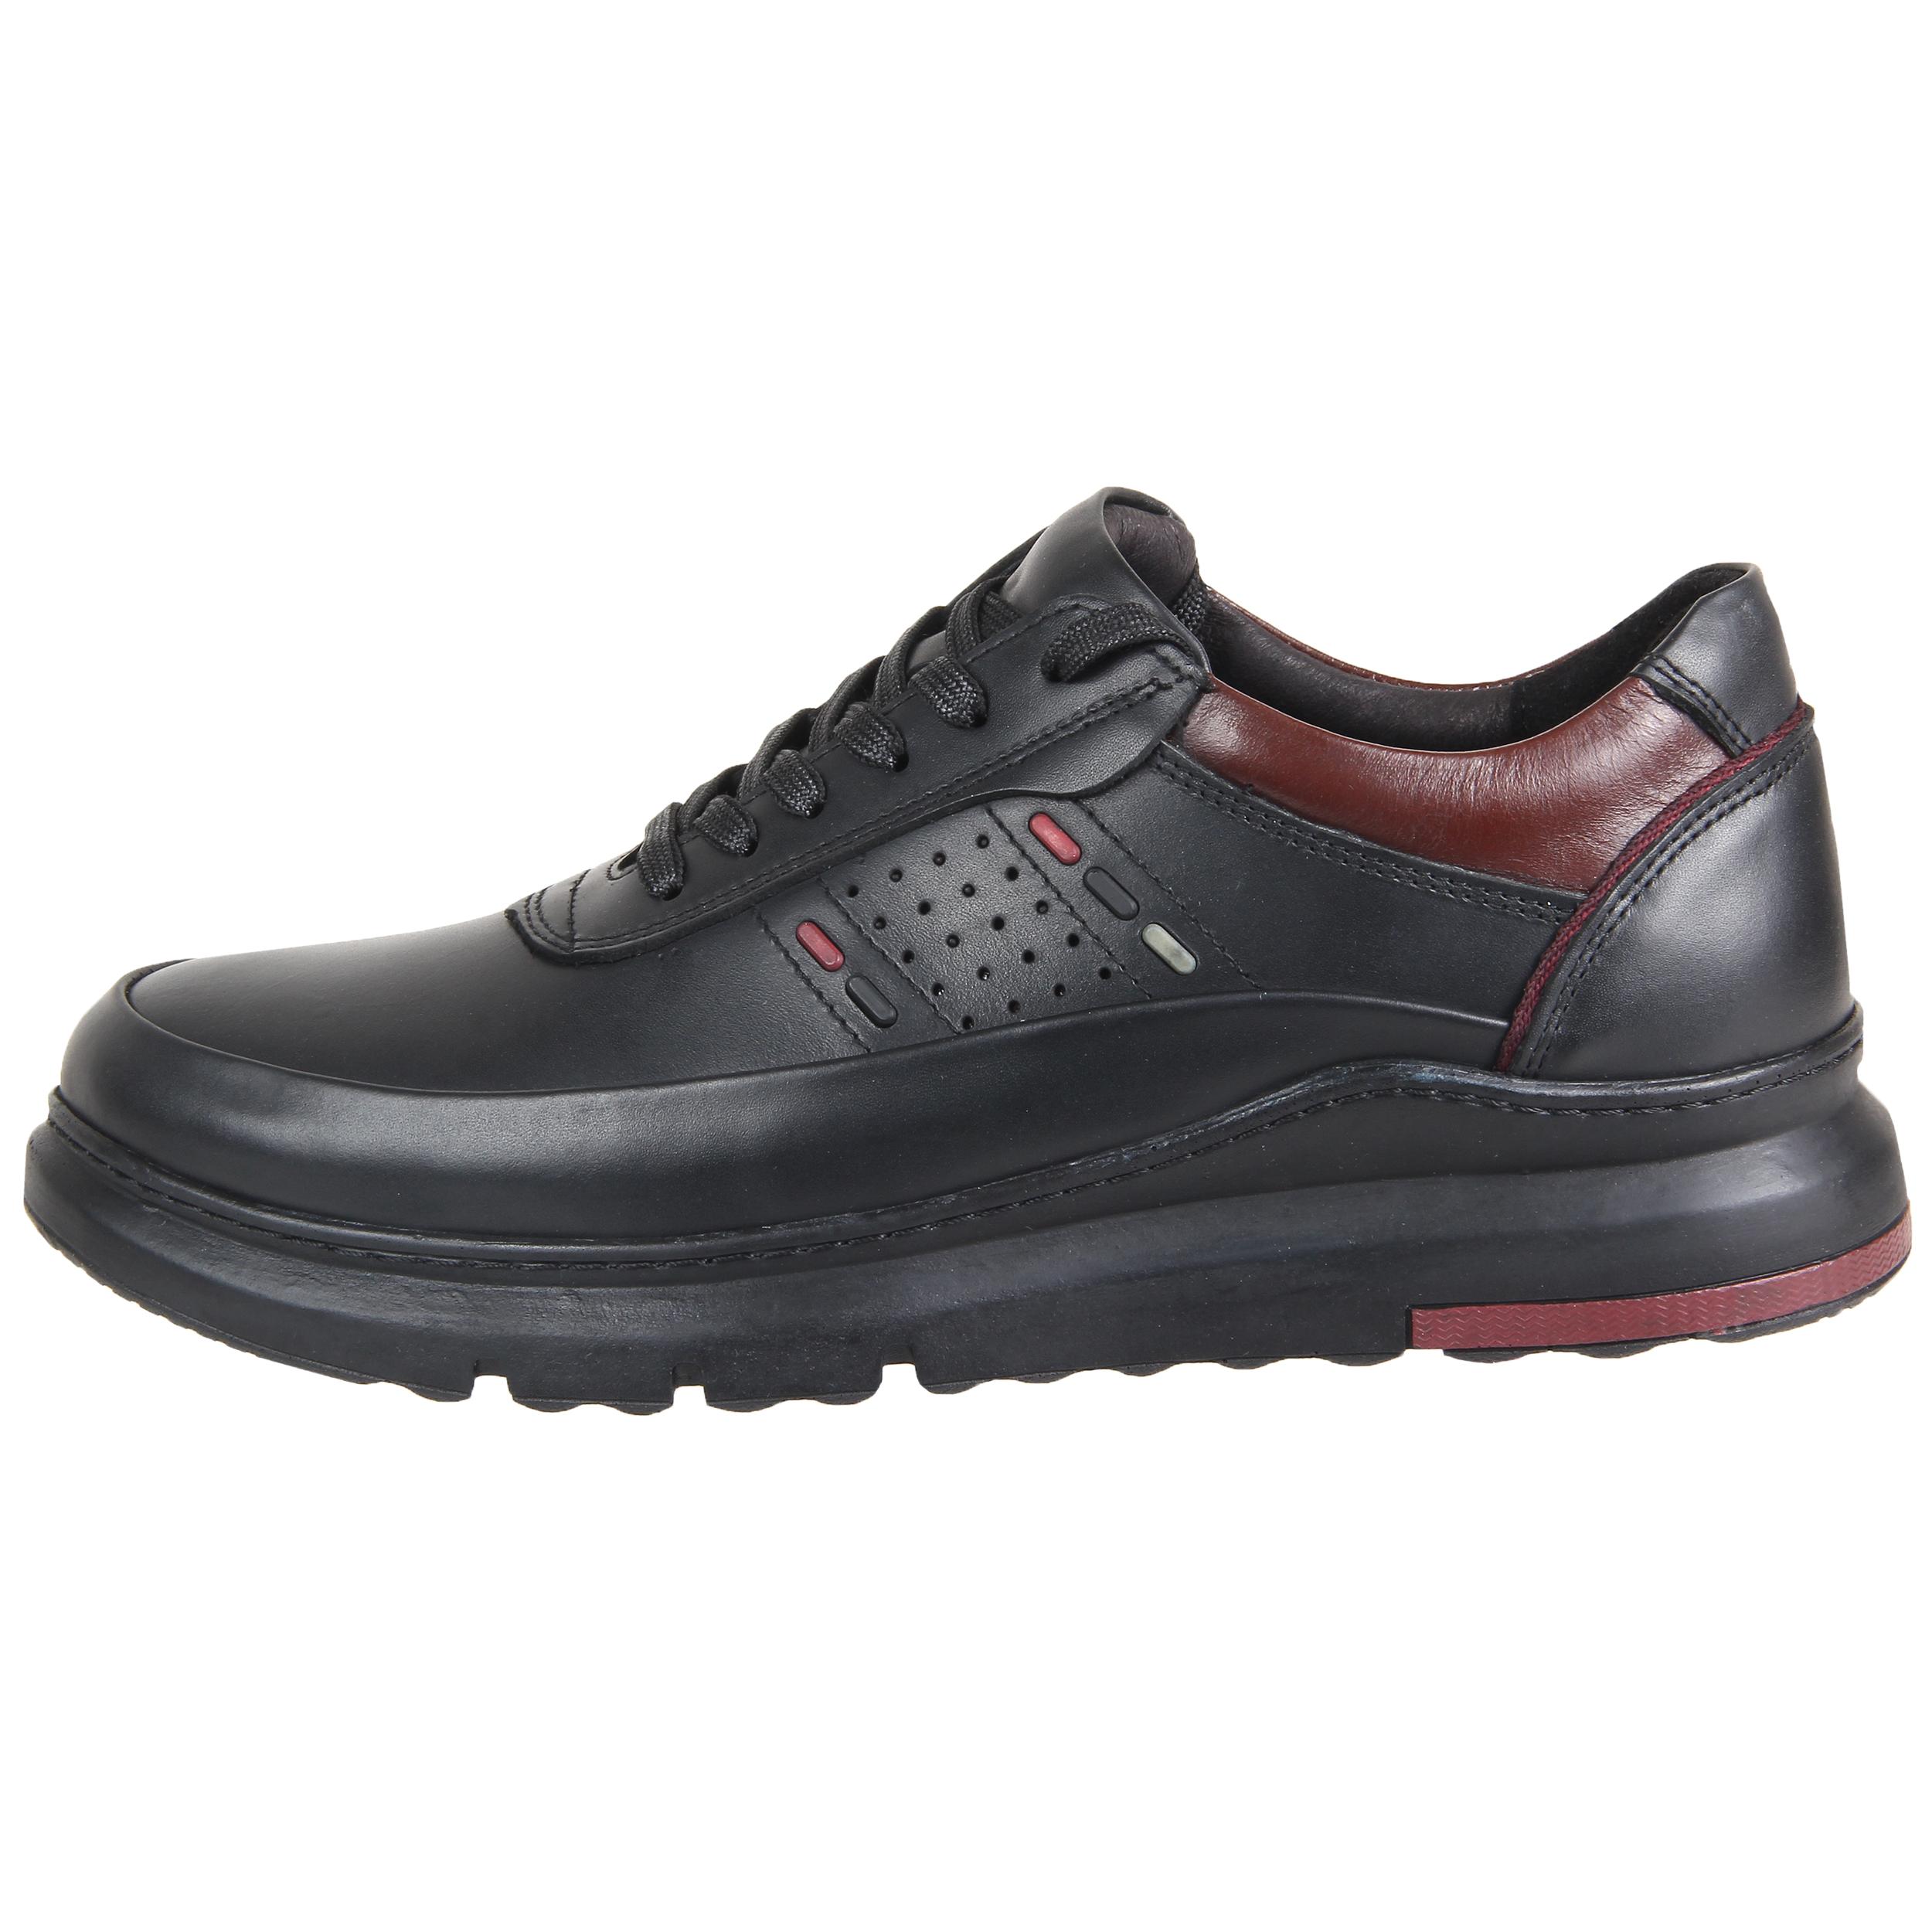 قیمت کفش راحتی مردانه کد 1-39118